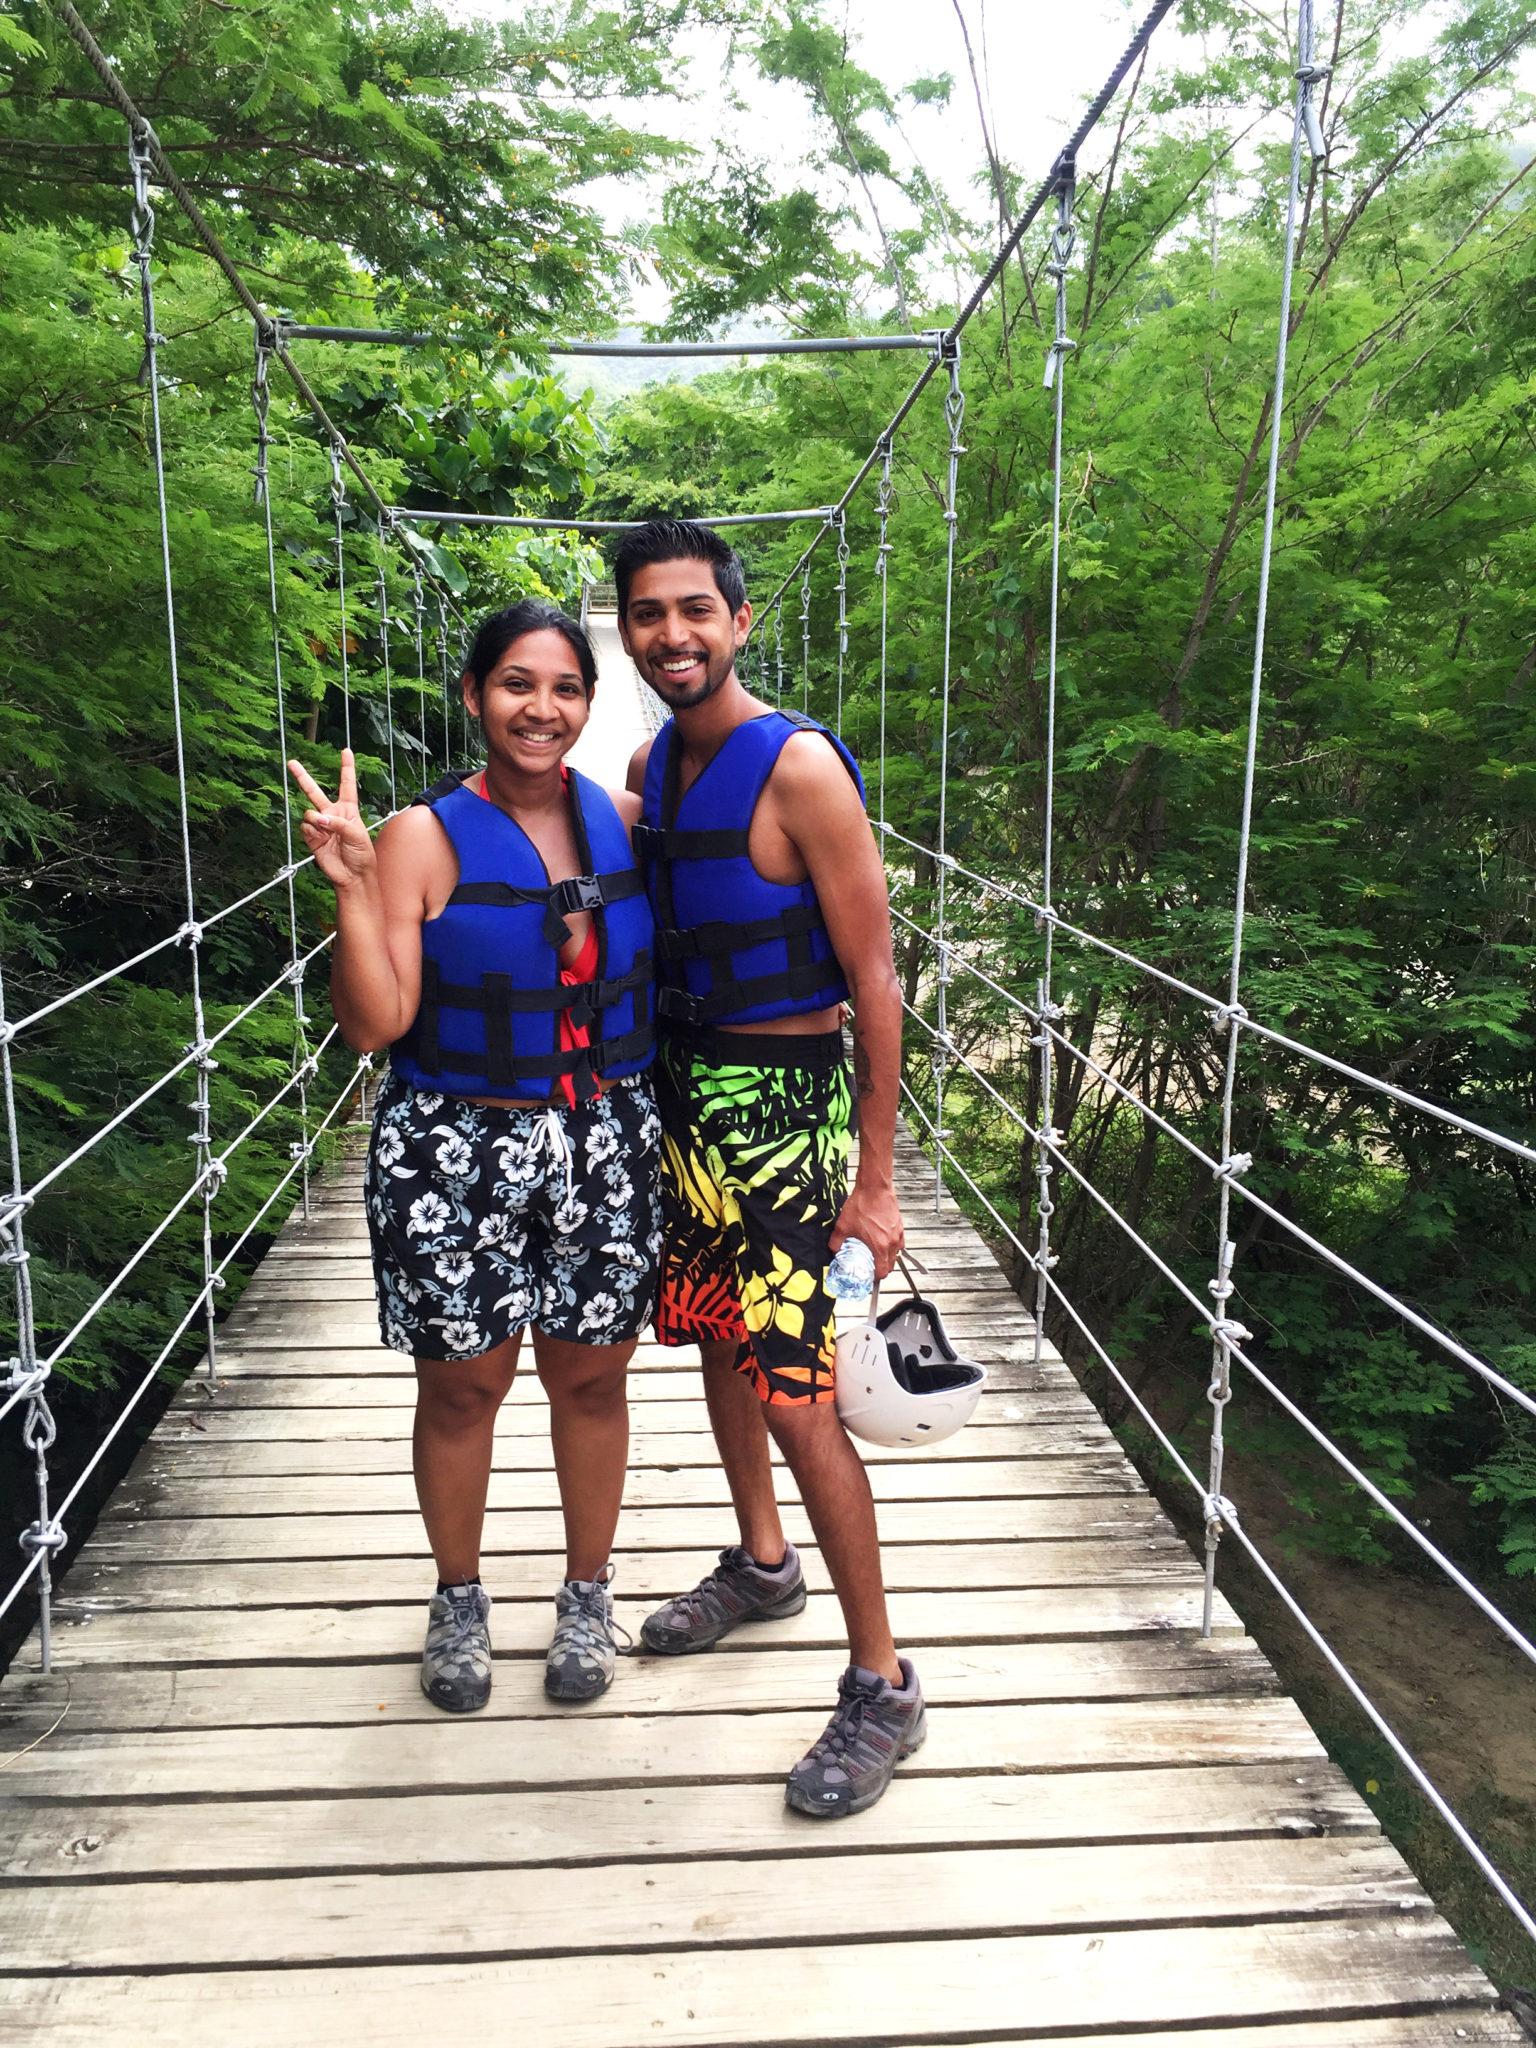 République Dominicaine : l'expérience Damajagua et ses 27 cascades